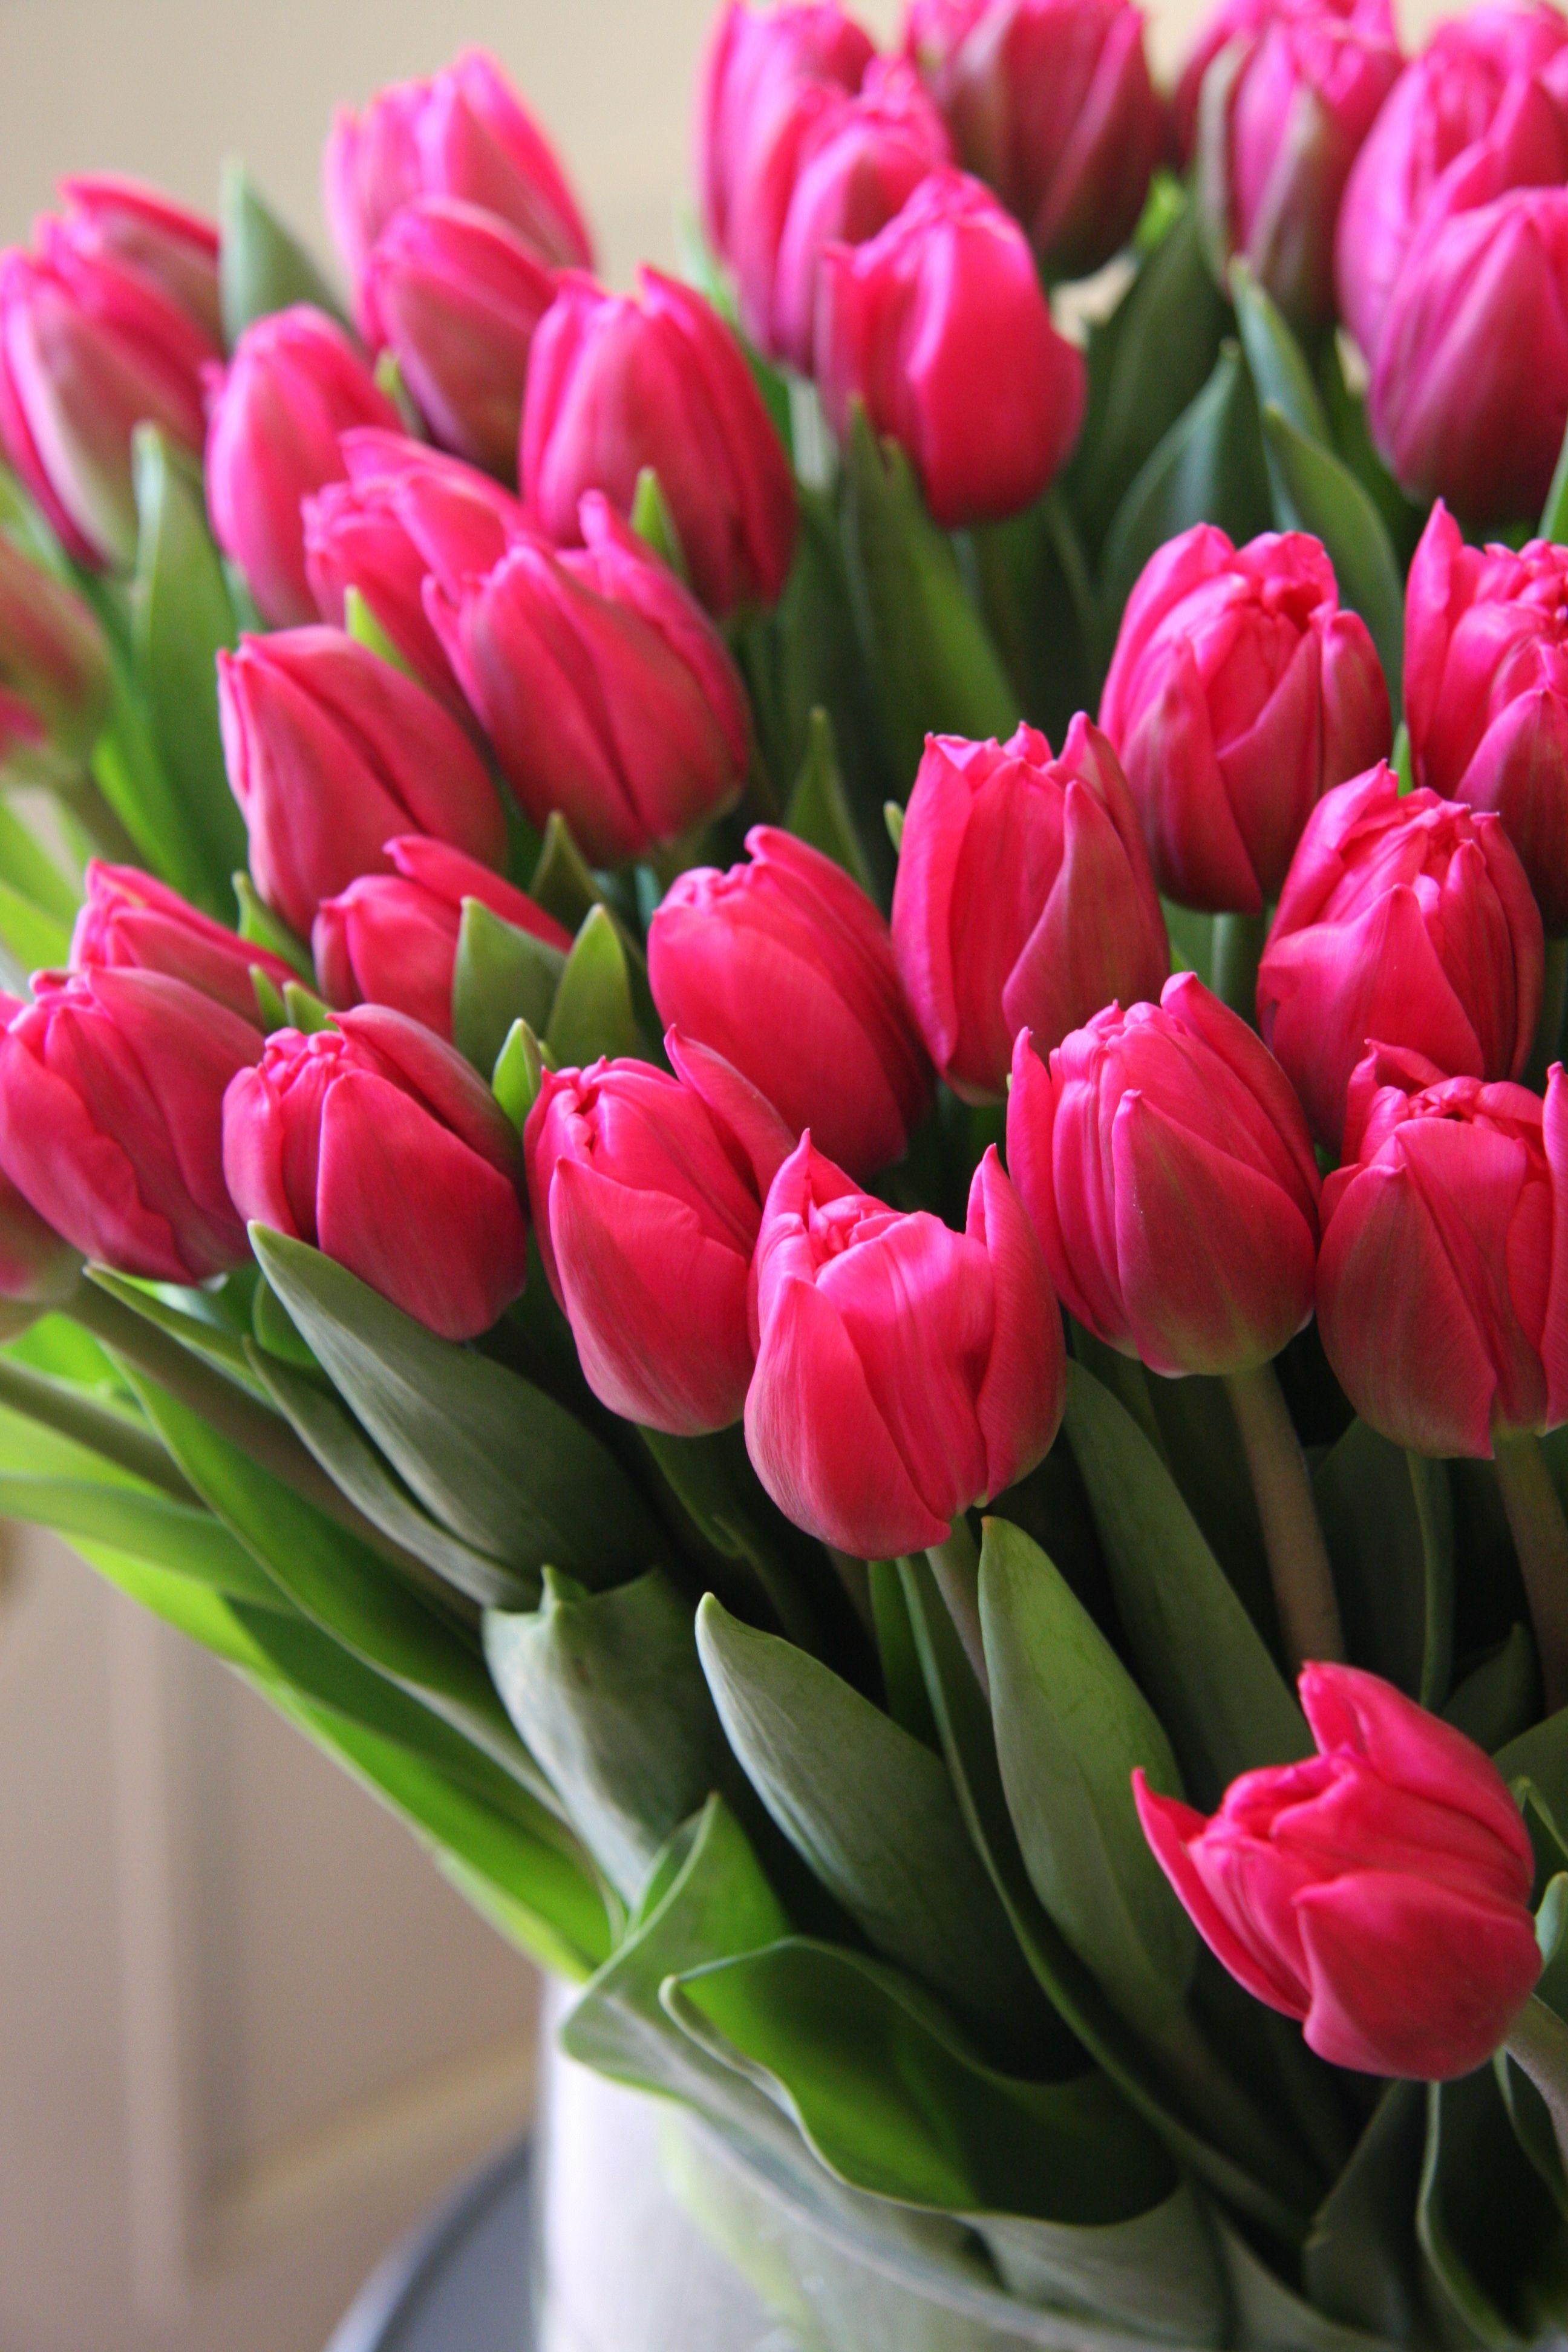 обои на телефон цветы тюльпаны - Twin Monica  Обои на Телефон Цветы